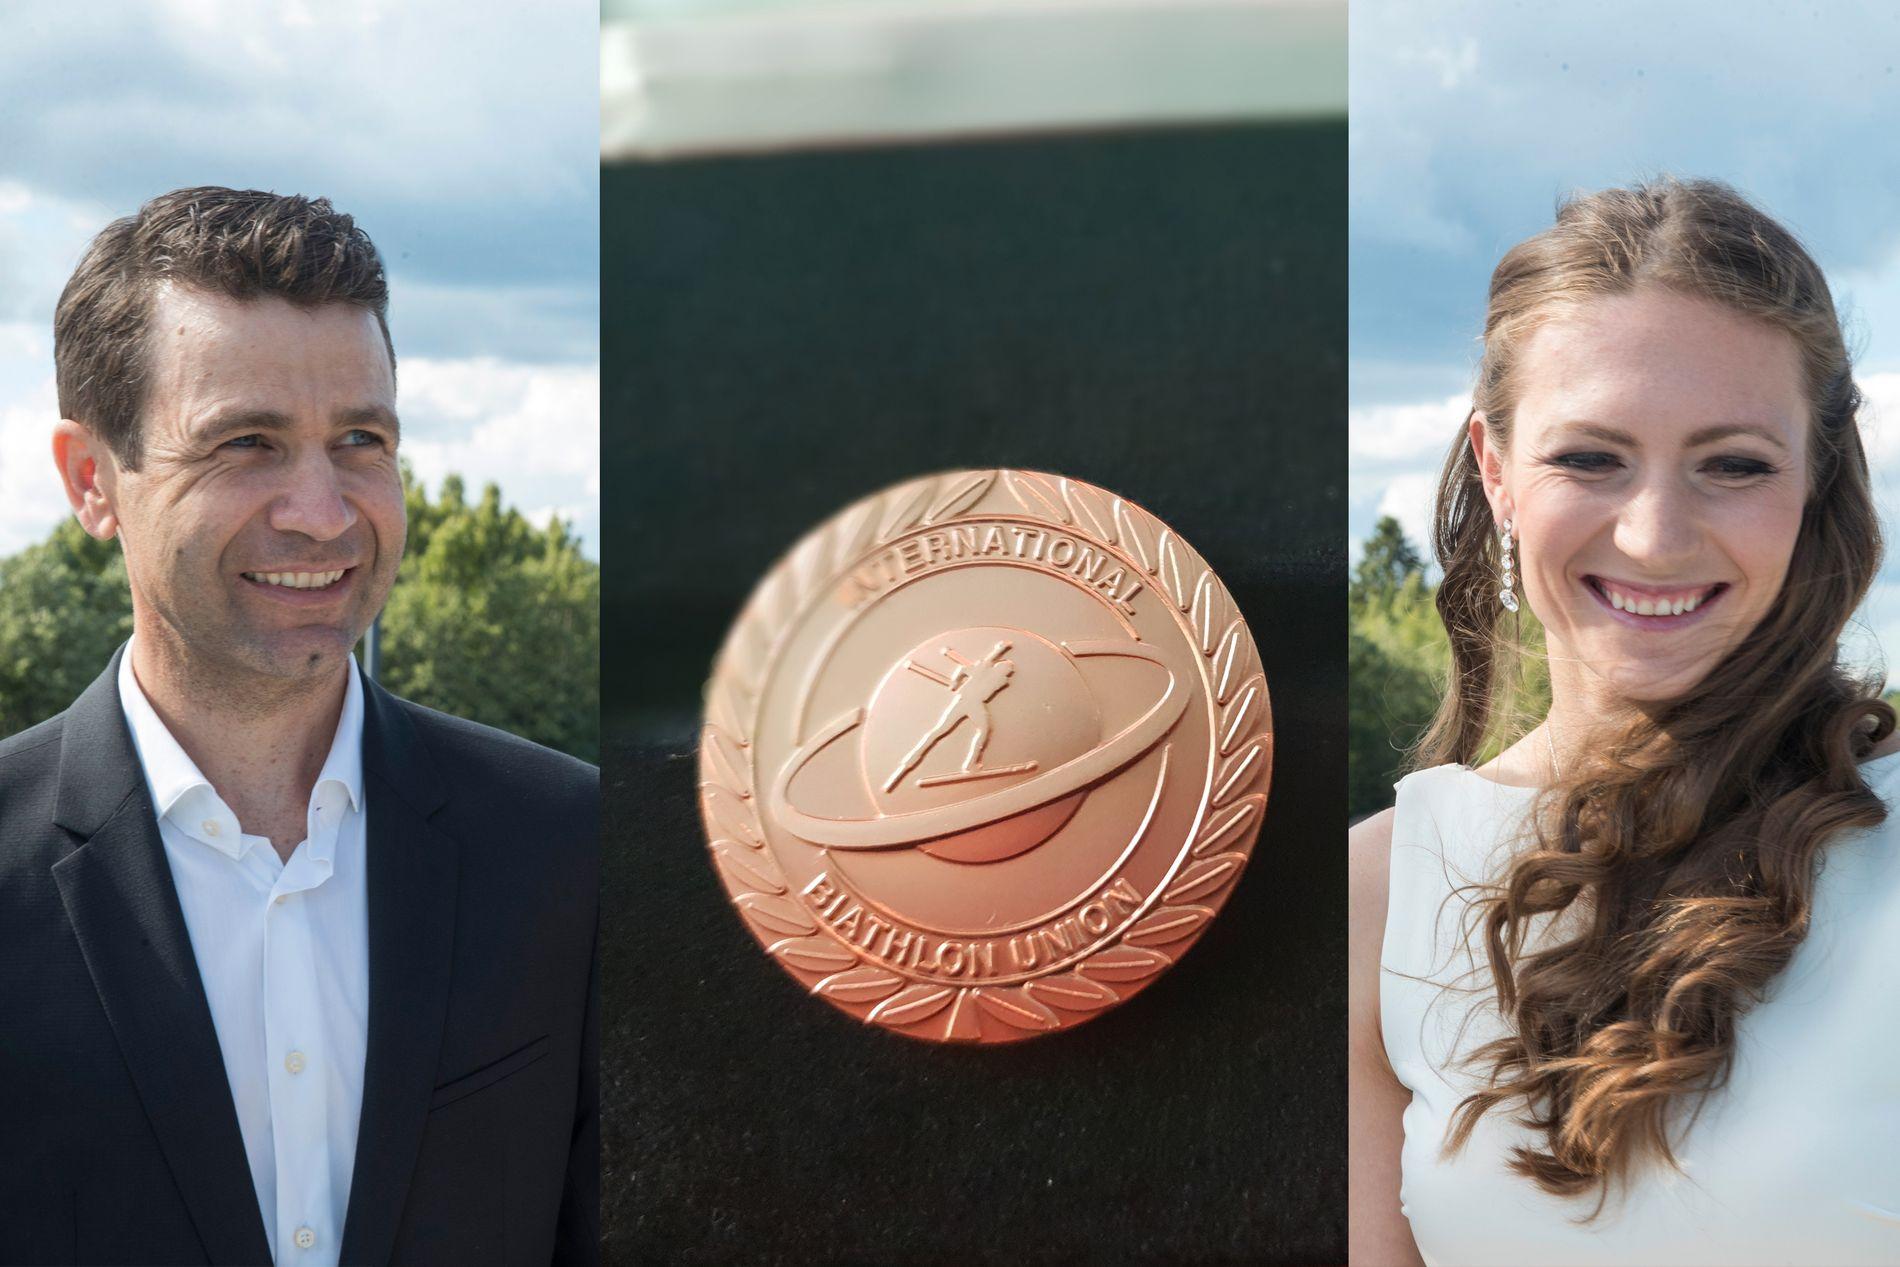 NY MEDALJE: Ole Einar Bjørndalen og Darja Domratsjeva fikk begge IBUs æresmedalje søndag. Dette bildet er fra sommerens avskjedsfest på Hellerudsletta.